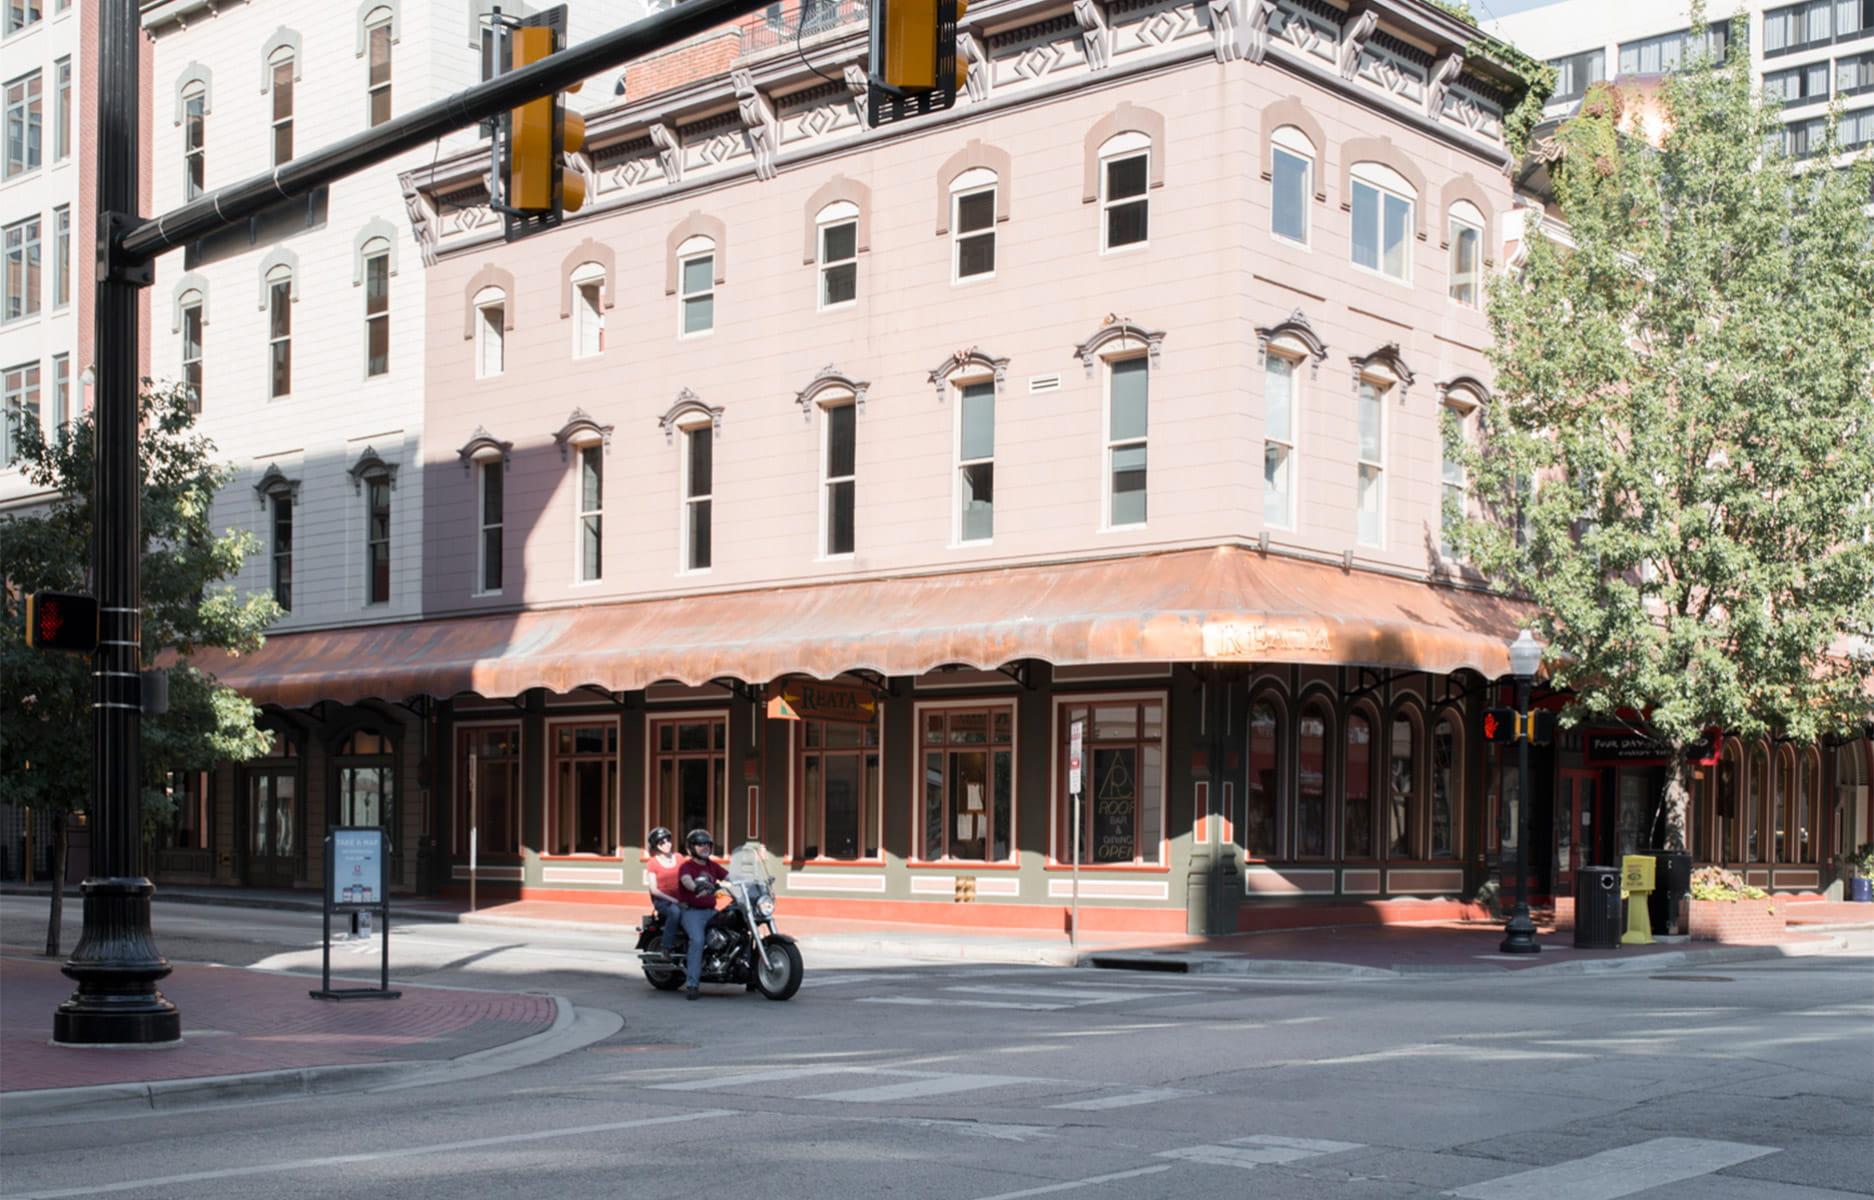 Dallas Fort Worth sites de rencontre datant d'une femme Leo Yahoo